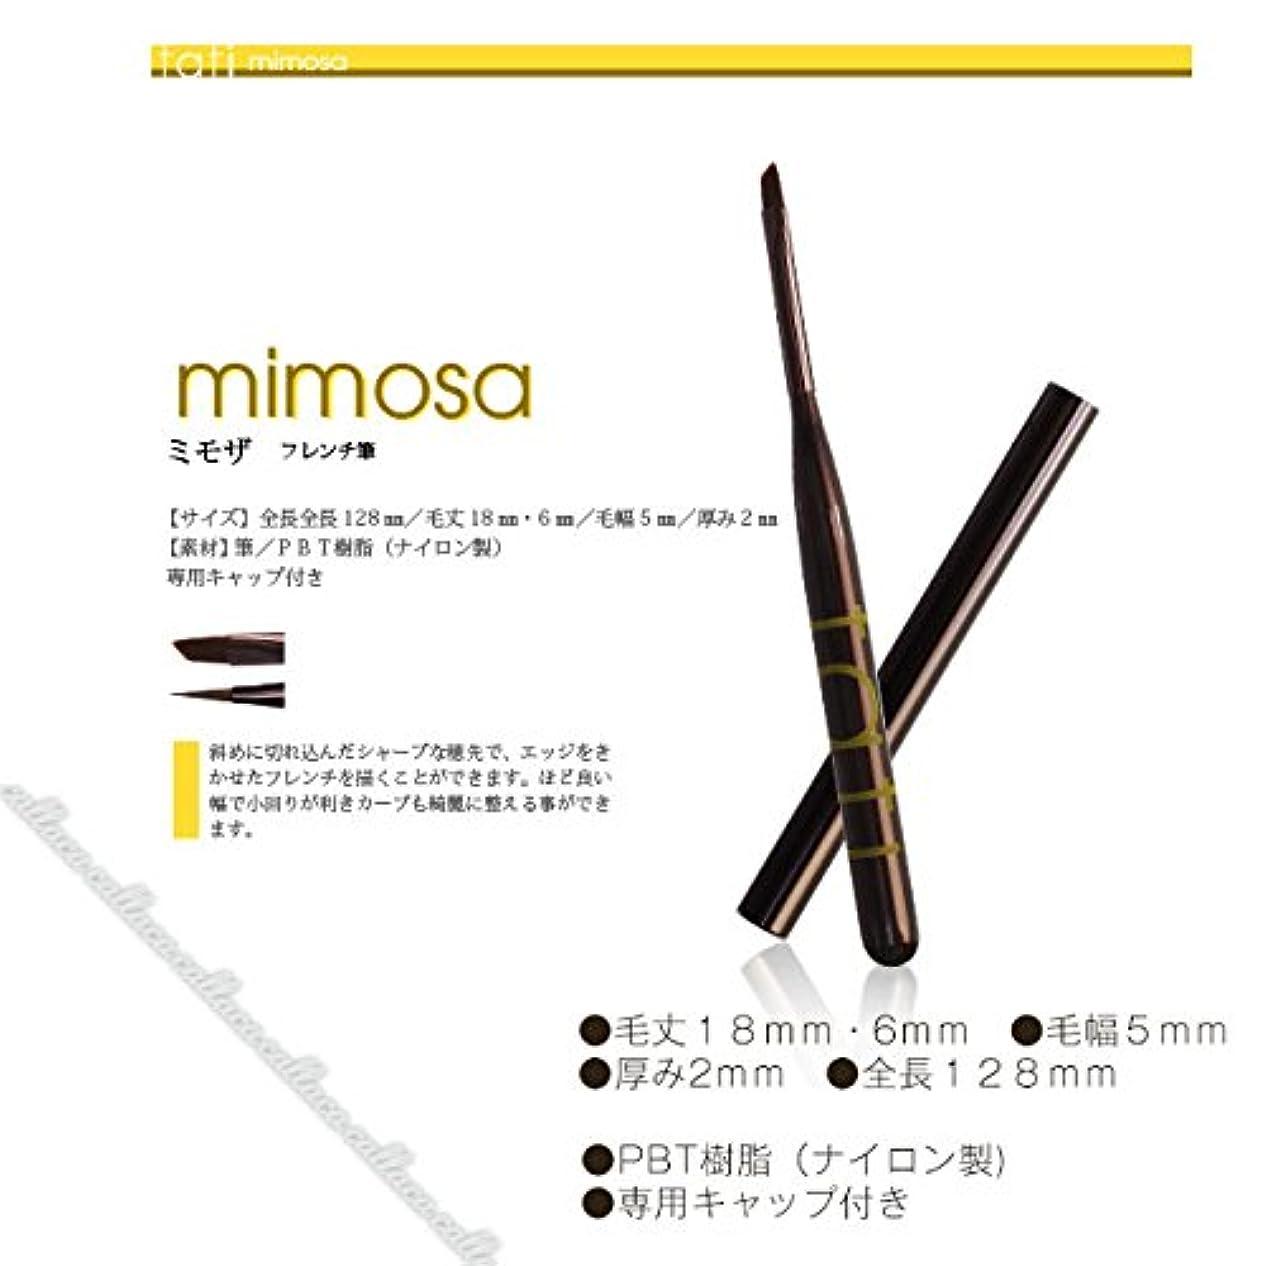 洞察力のあるスリッパテナントtati アートショコラ mimosa (ミモザ)